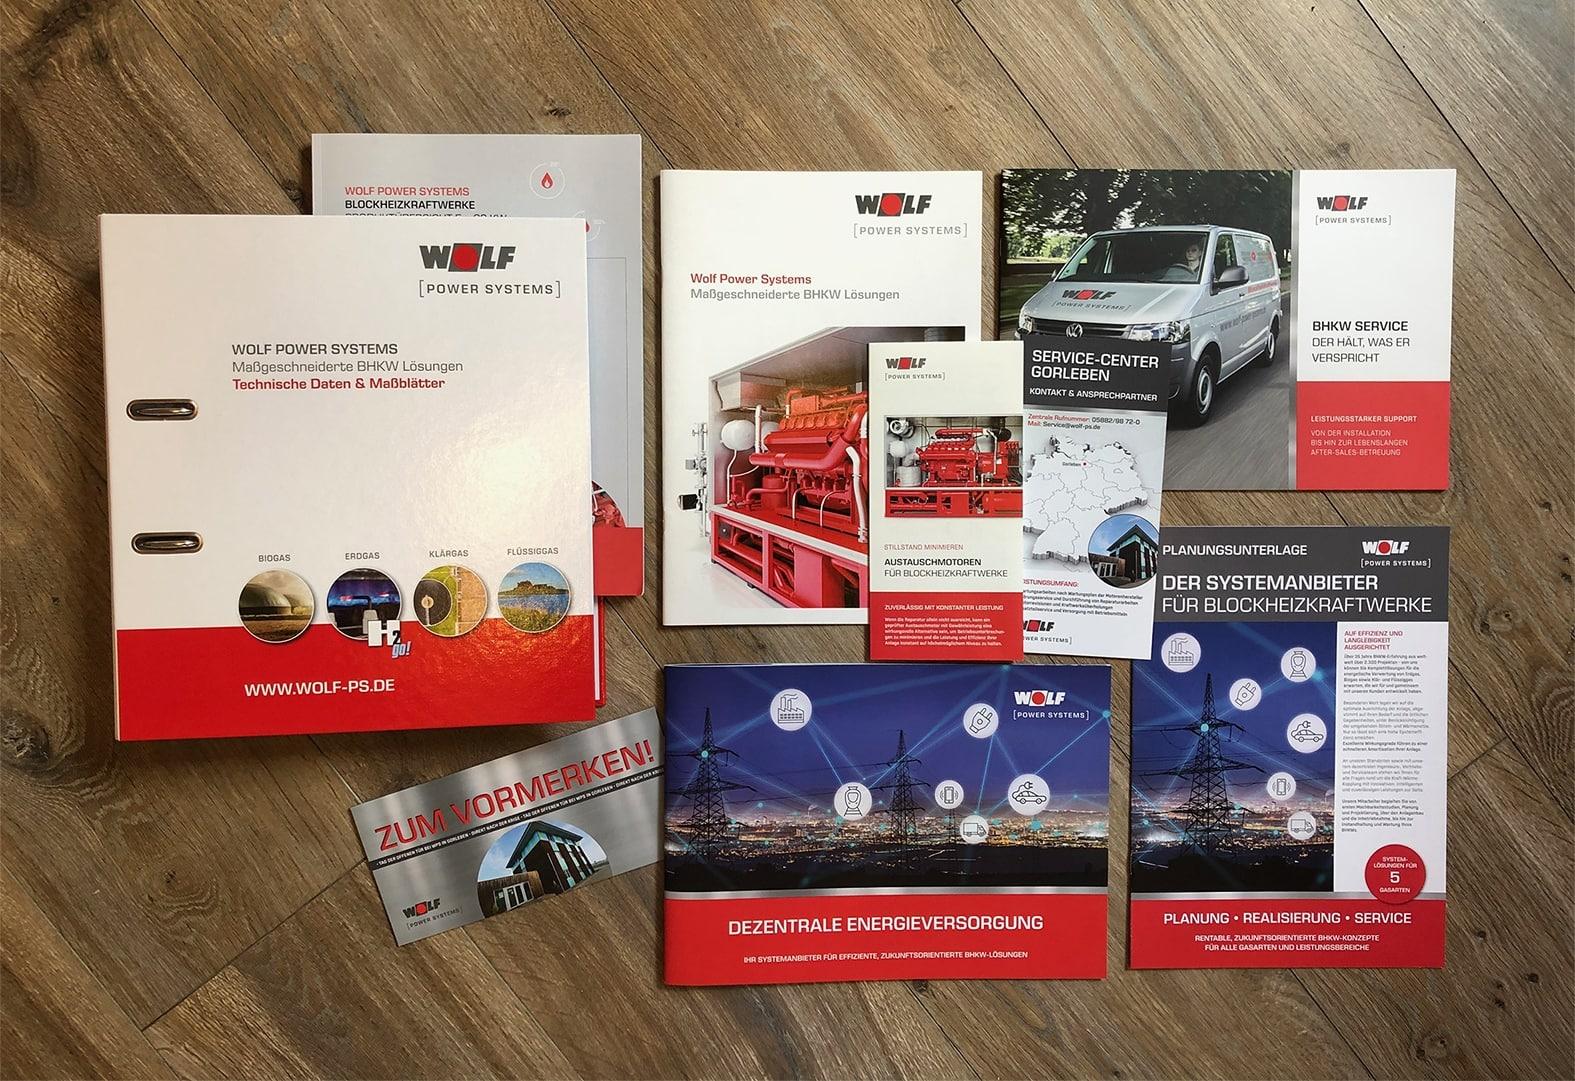 Wolf Power Systems  Corporate Design • Printunterlagen • Broschüren • Serviceblätter